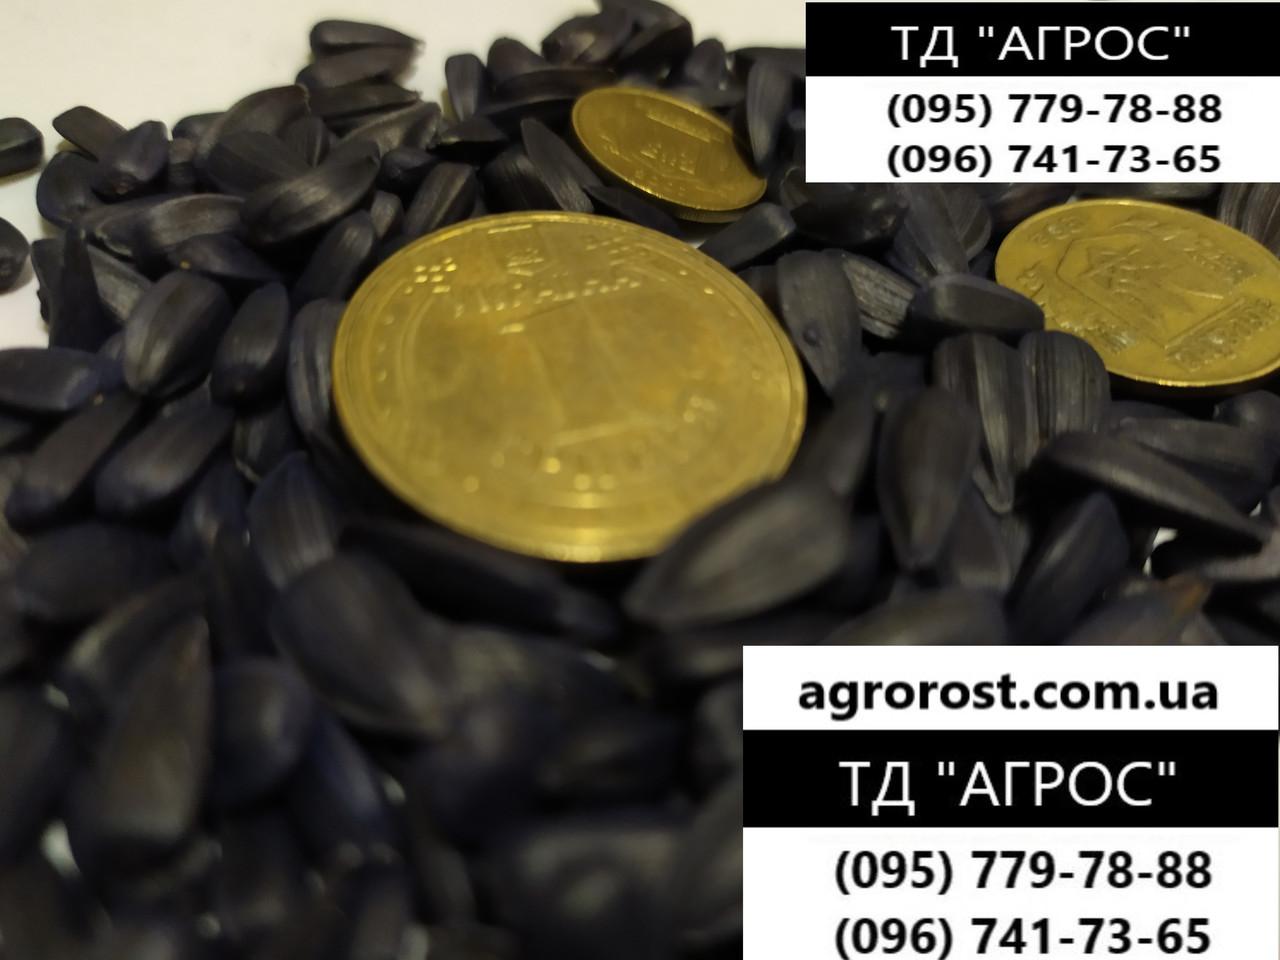 Гибрид подсолнечника ЗЛАТСОН, Высокоурожайные семена подсолнечника Златсон купить в Украине. Экстра